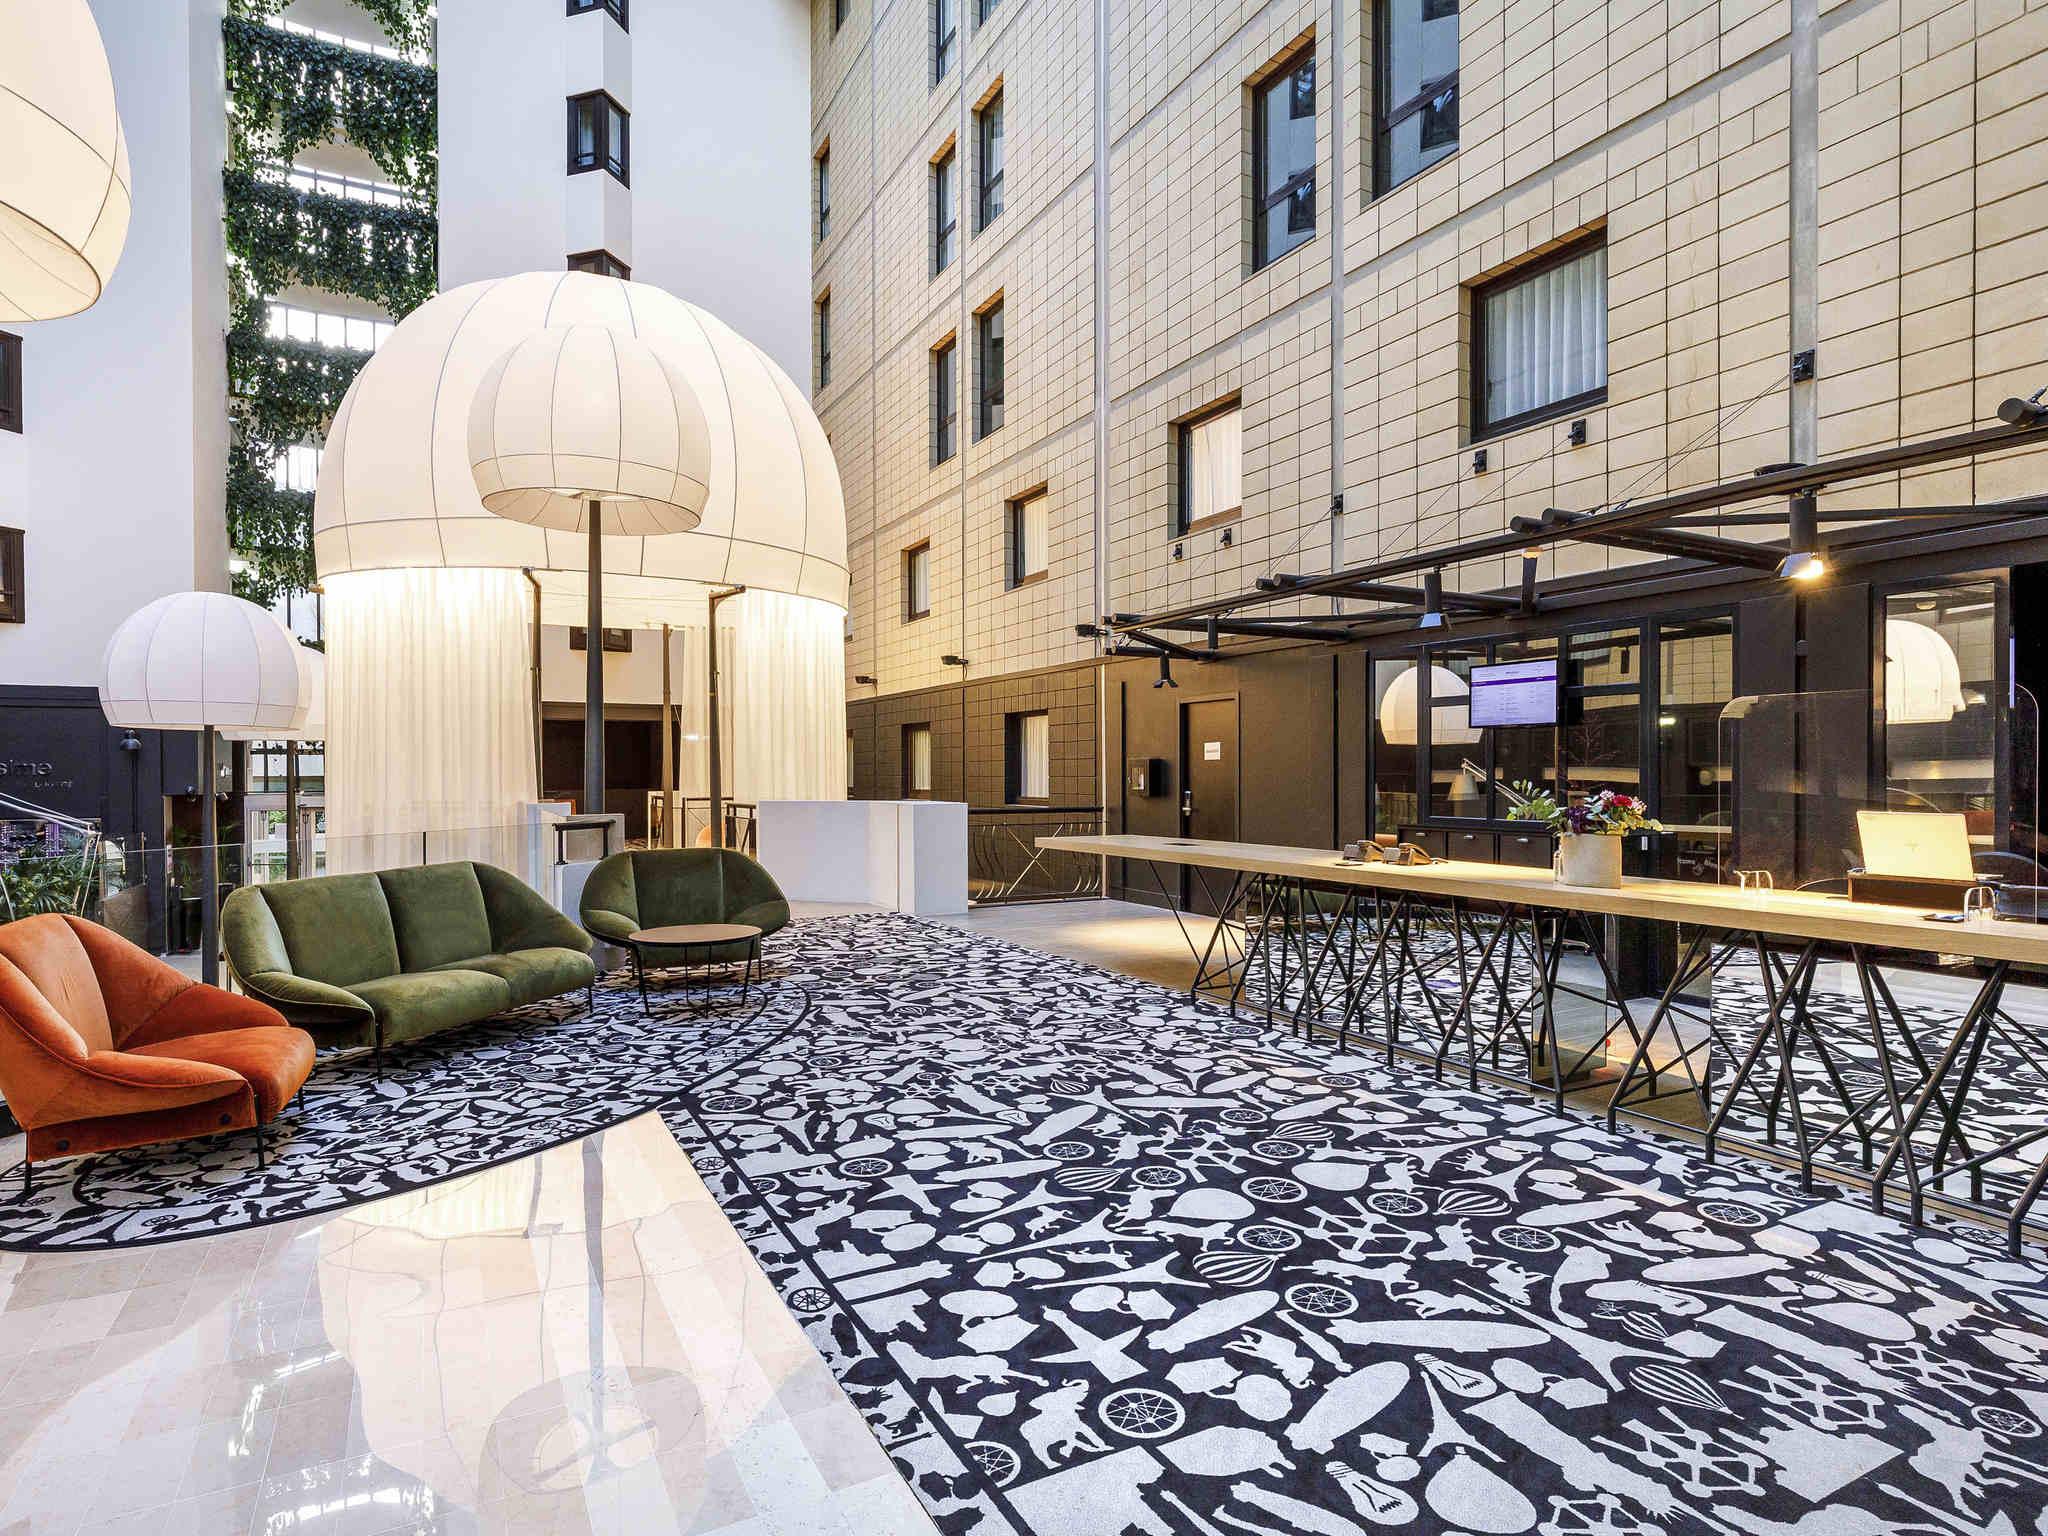 ホテル – メルキュールパリポルトドヴェルサイユエクスポ